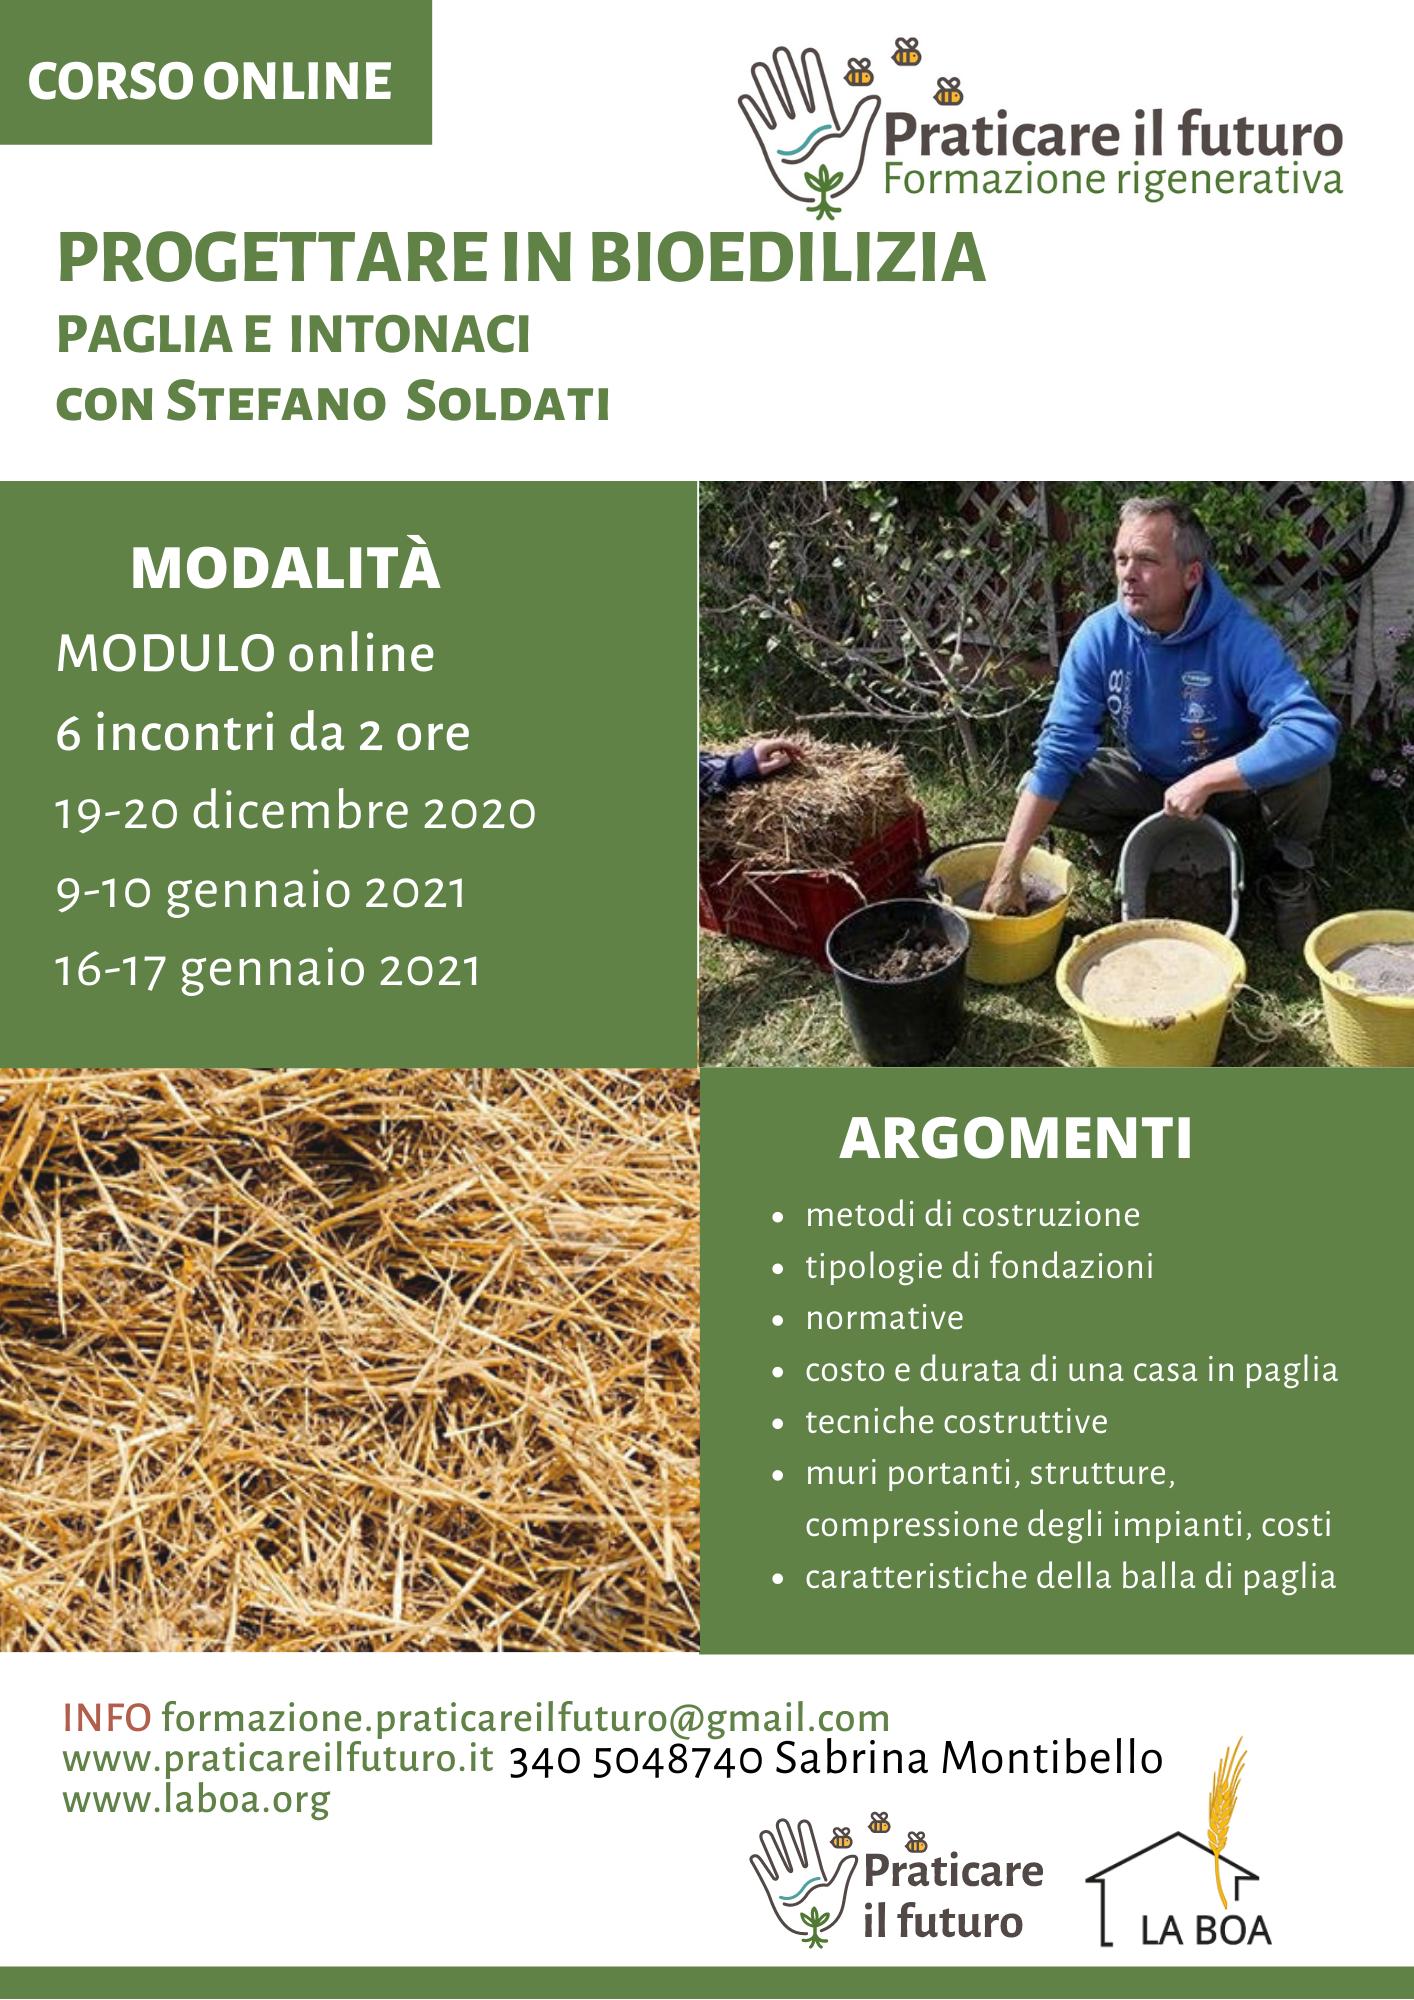 PROGETTARE IN BIOEDILIZIA_ PAGLIA E INTONACI_verde_bianco